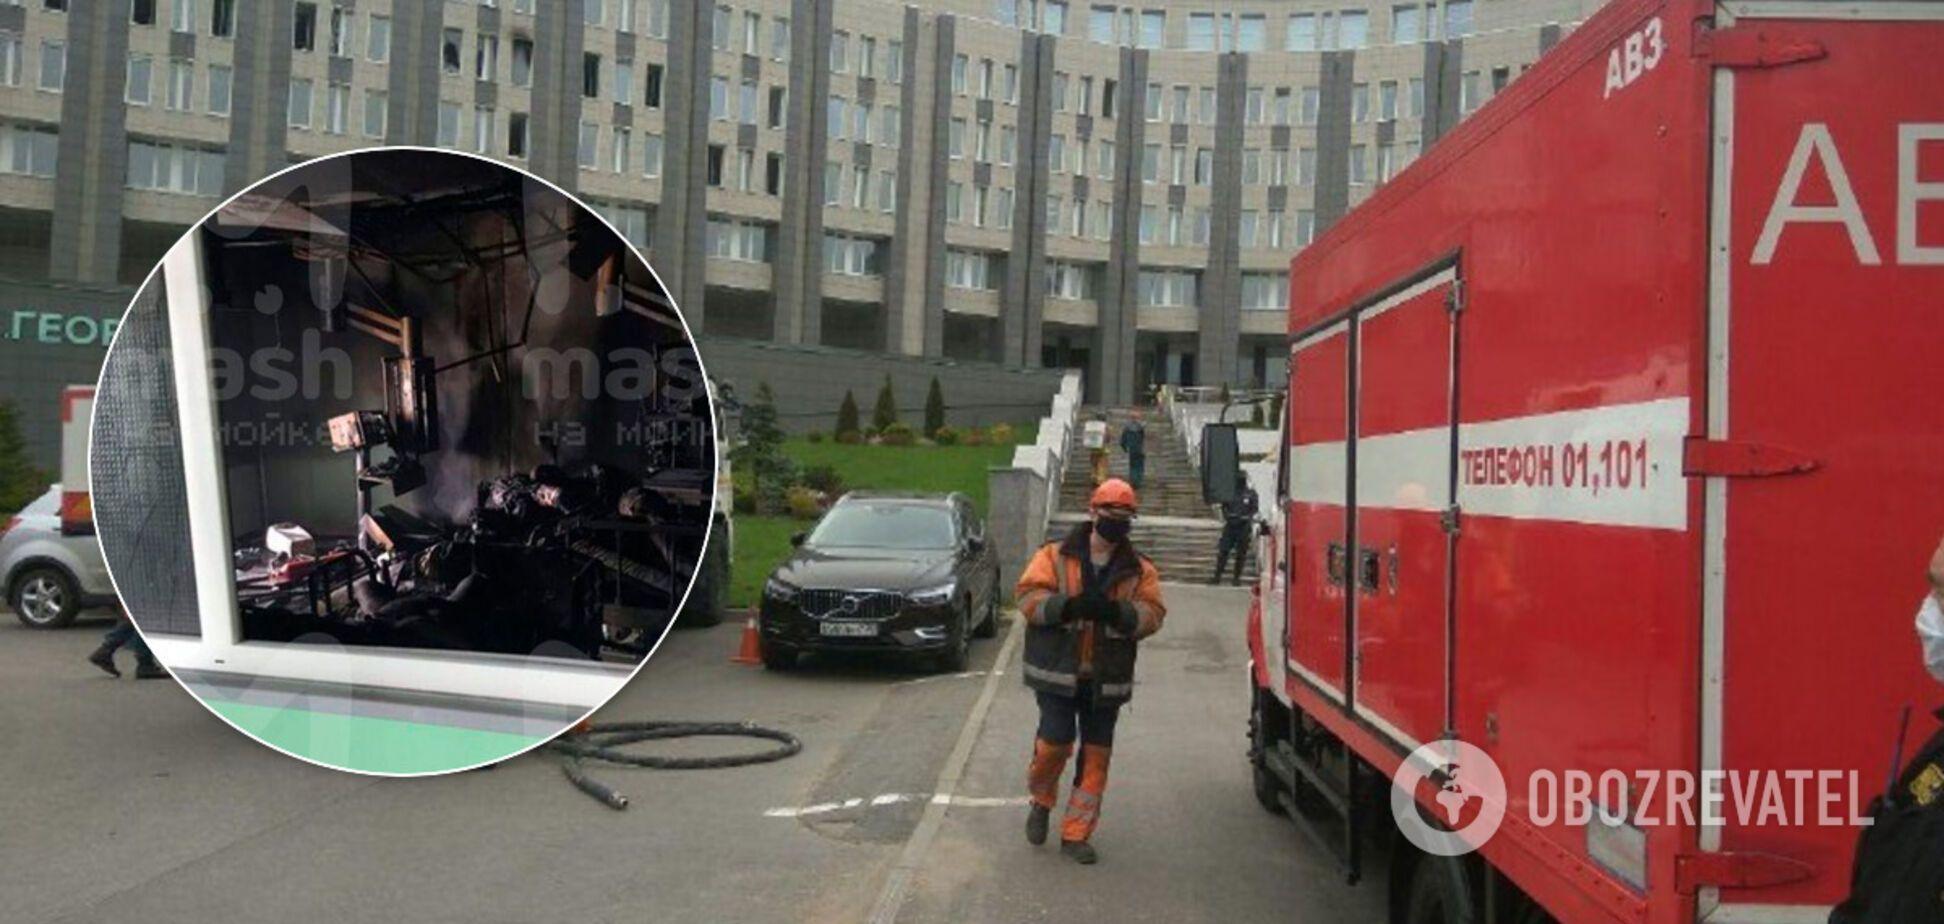 Палата полностью выгорела: появились новые кадры пожара в больнице Петербурга